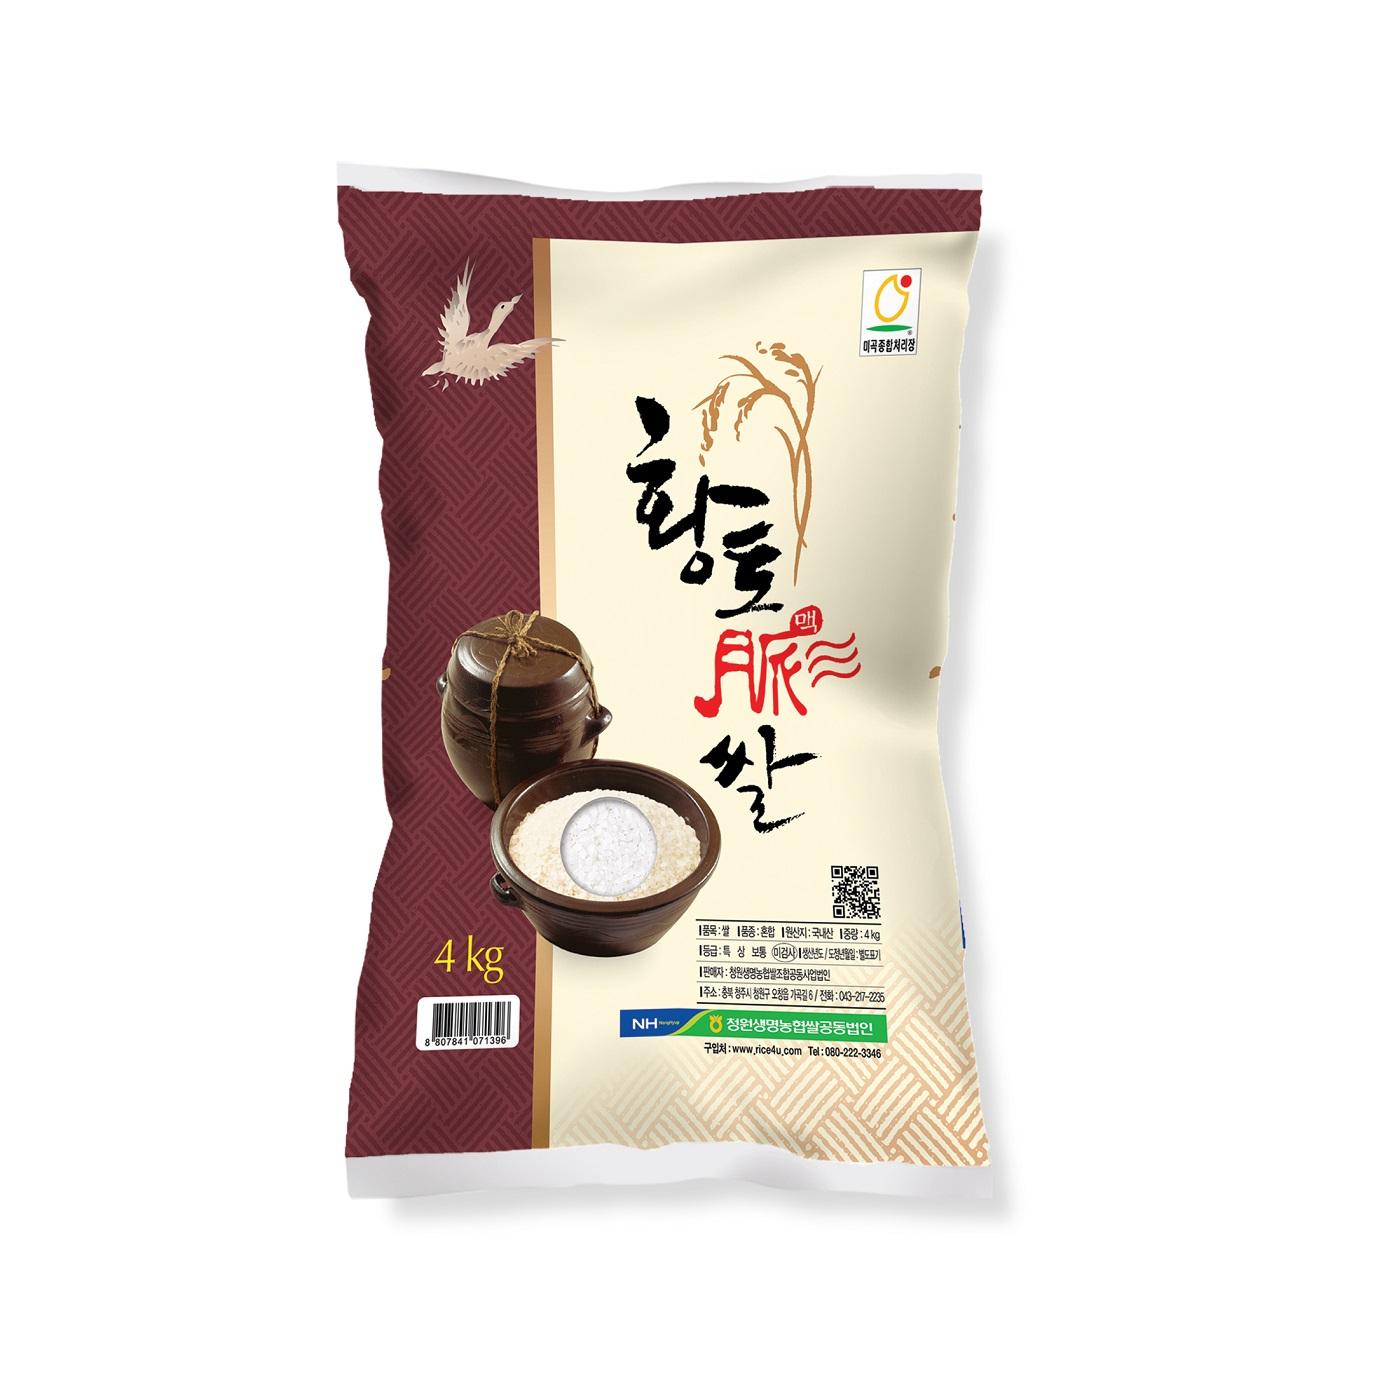 농협 2020년 햅쌀 청원 생명 황토 맥 쌀, 4kg, 1개